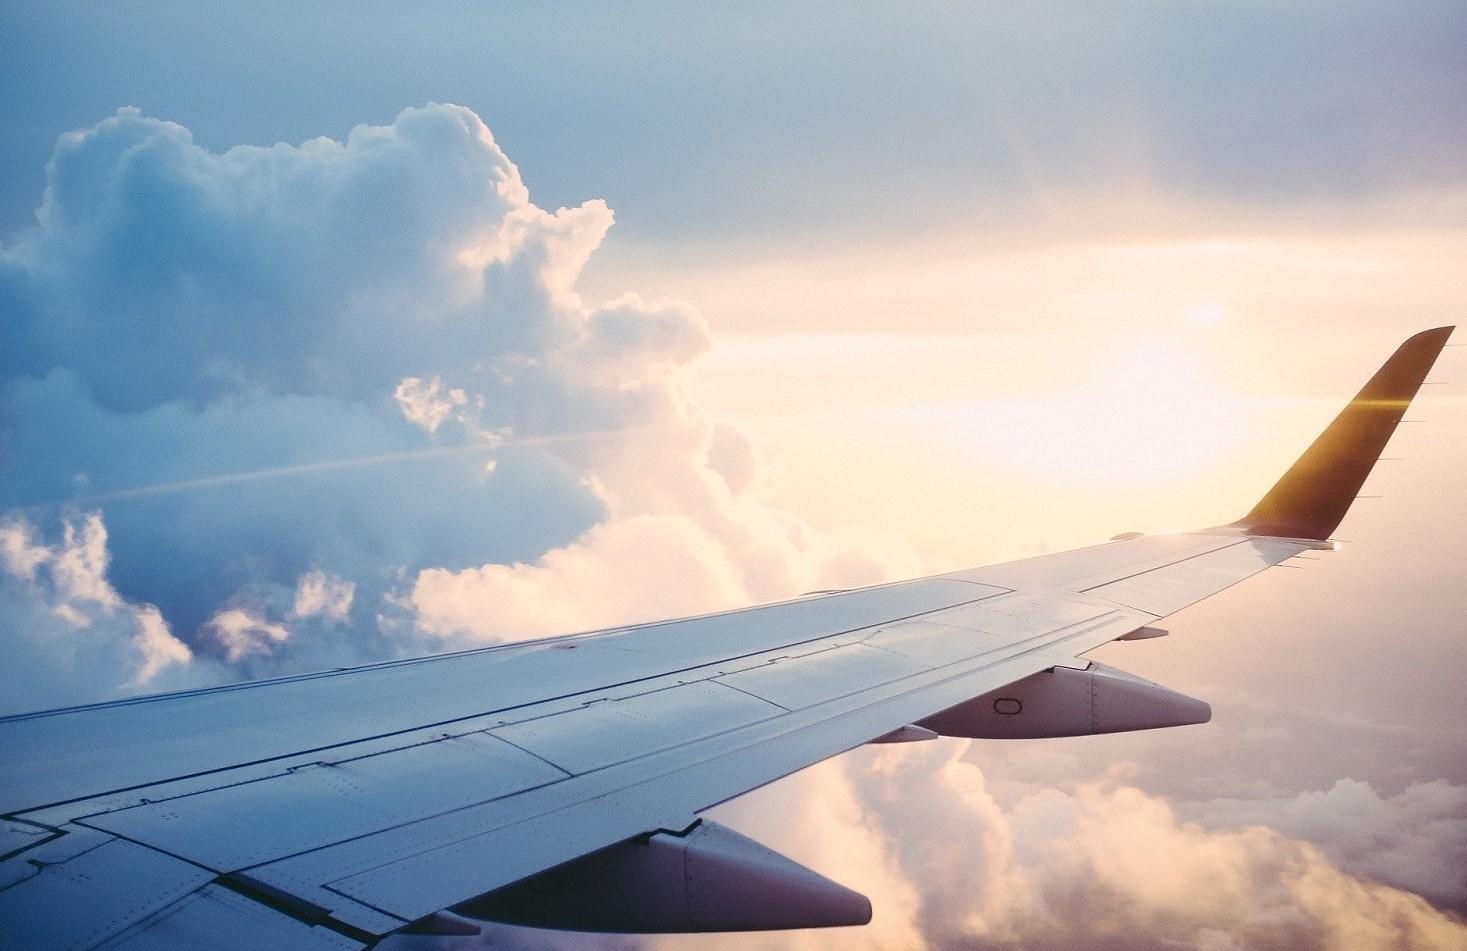 Rimborsi o voucher per i voli aerei annullati per coronavirus. Cosa si può richiedere per legge